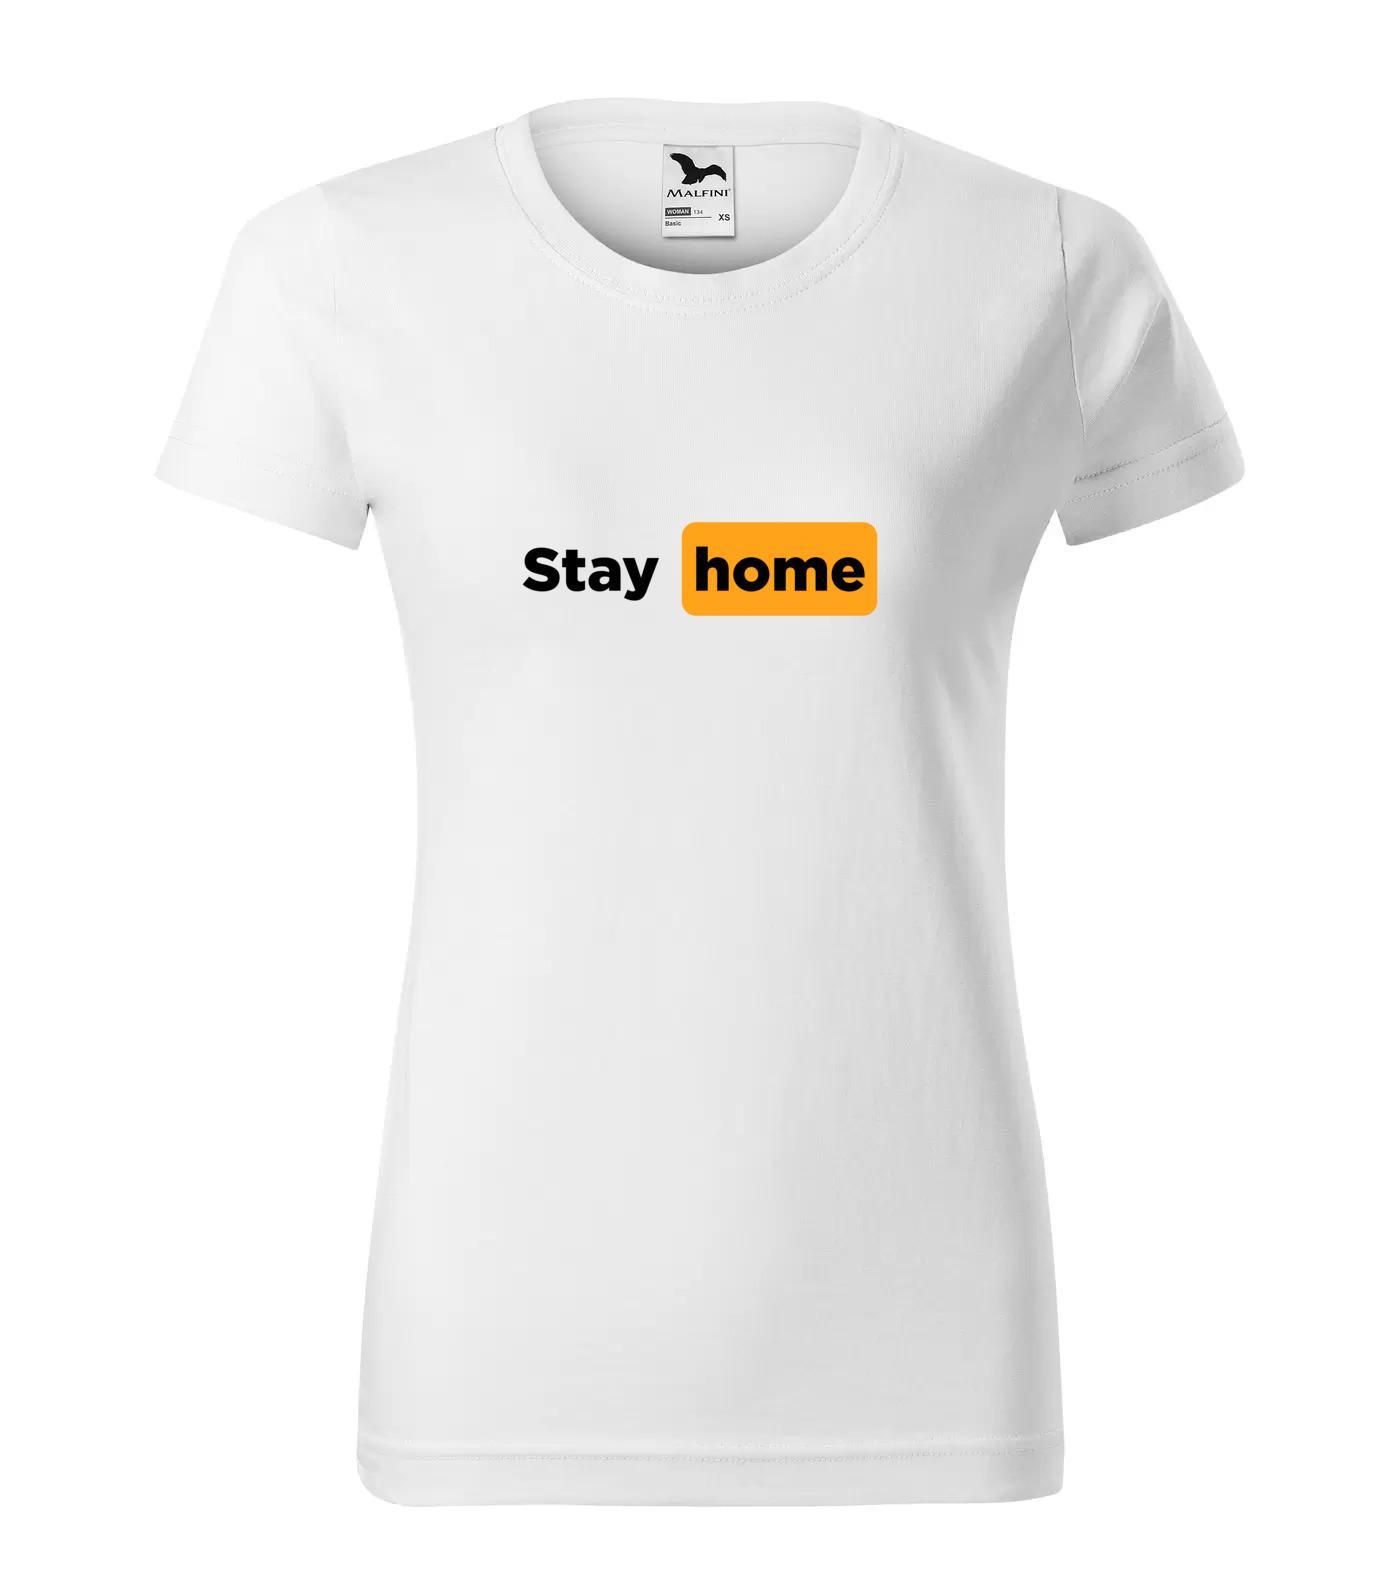 Tričko LockDown Stay Home Černá